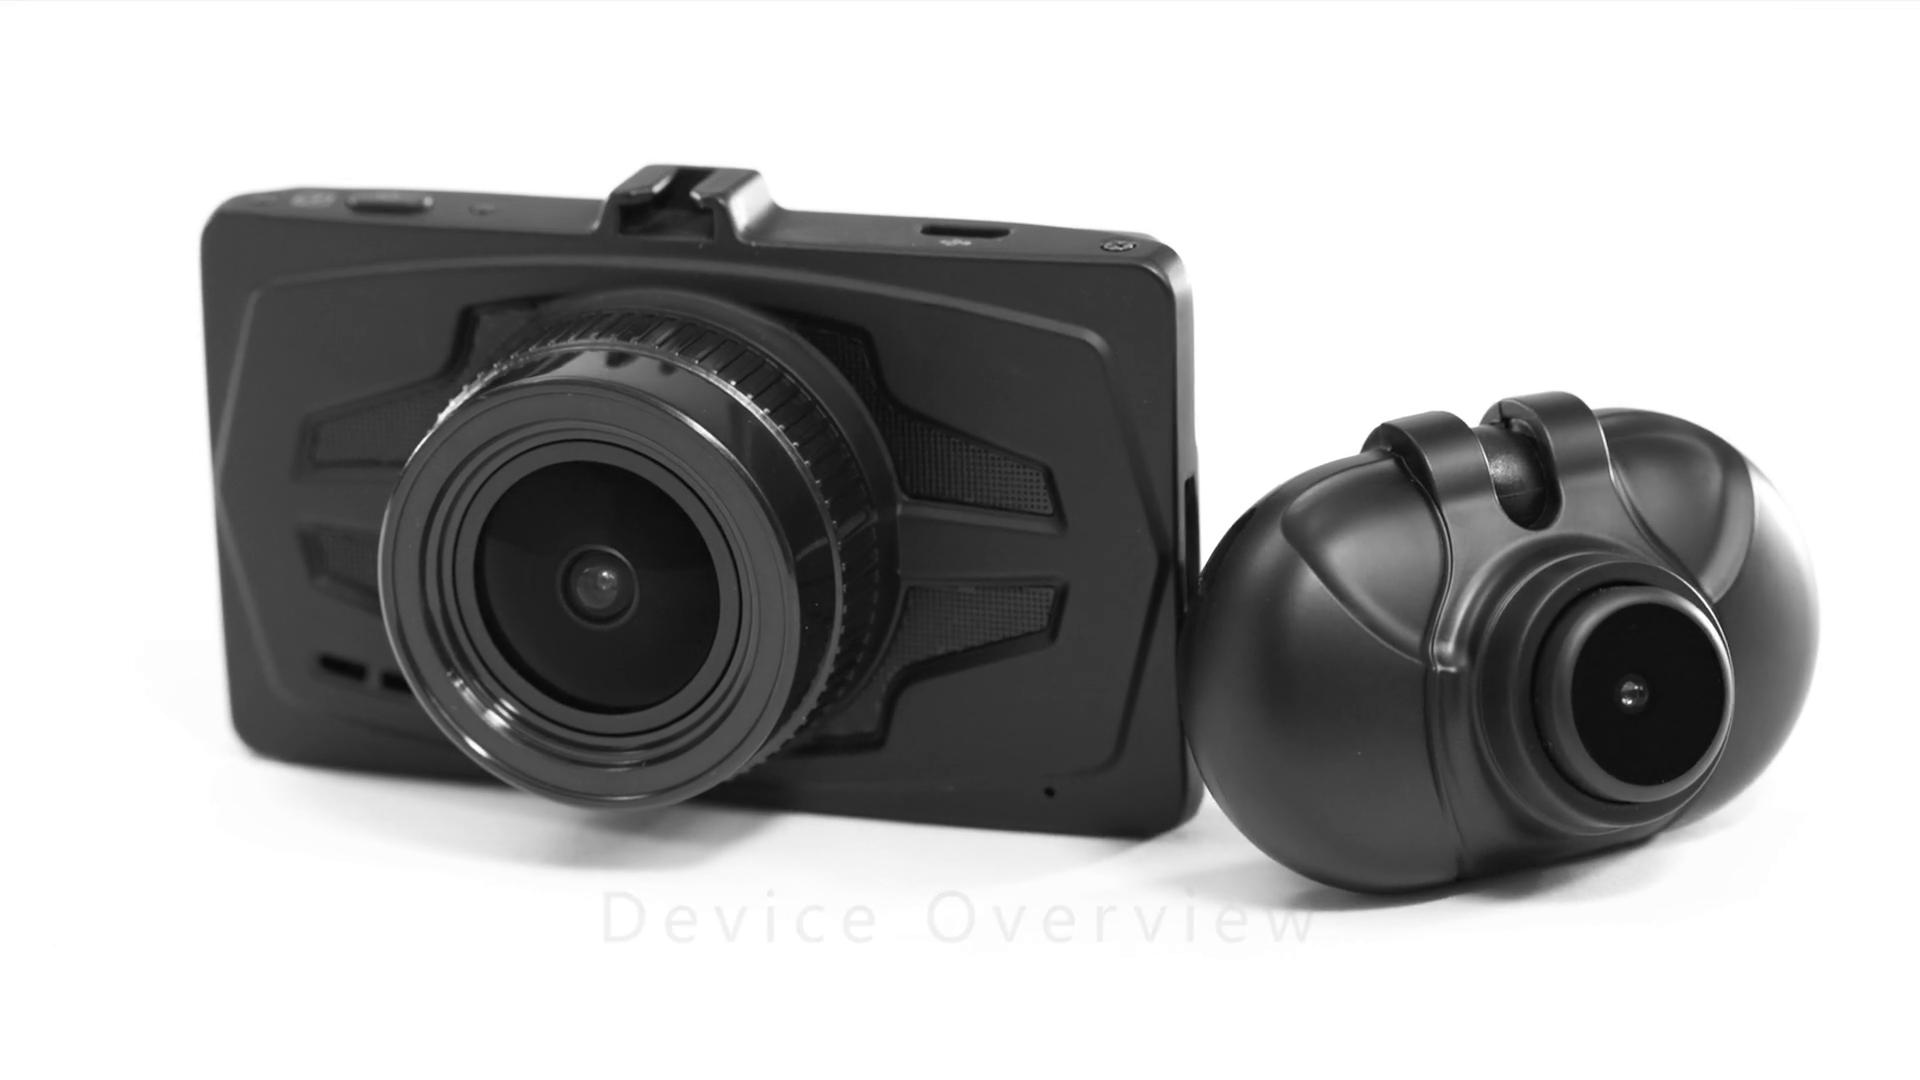 Camera Geek Tv Net 25 : Rsc duduo e p dual channel dashcam dash cameras best buy